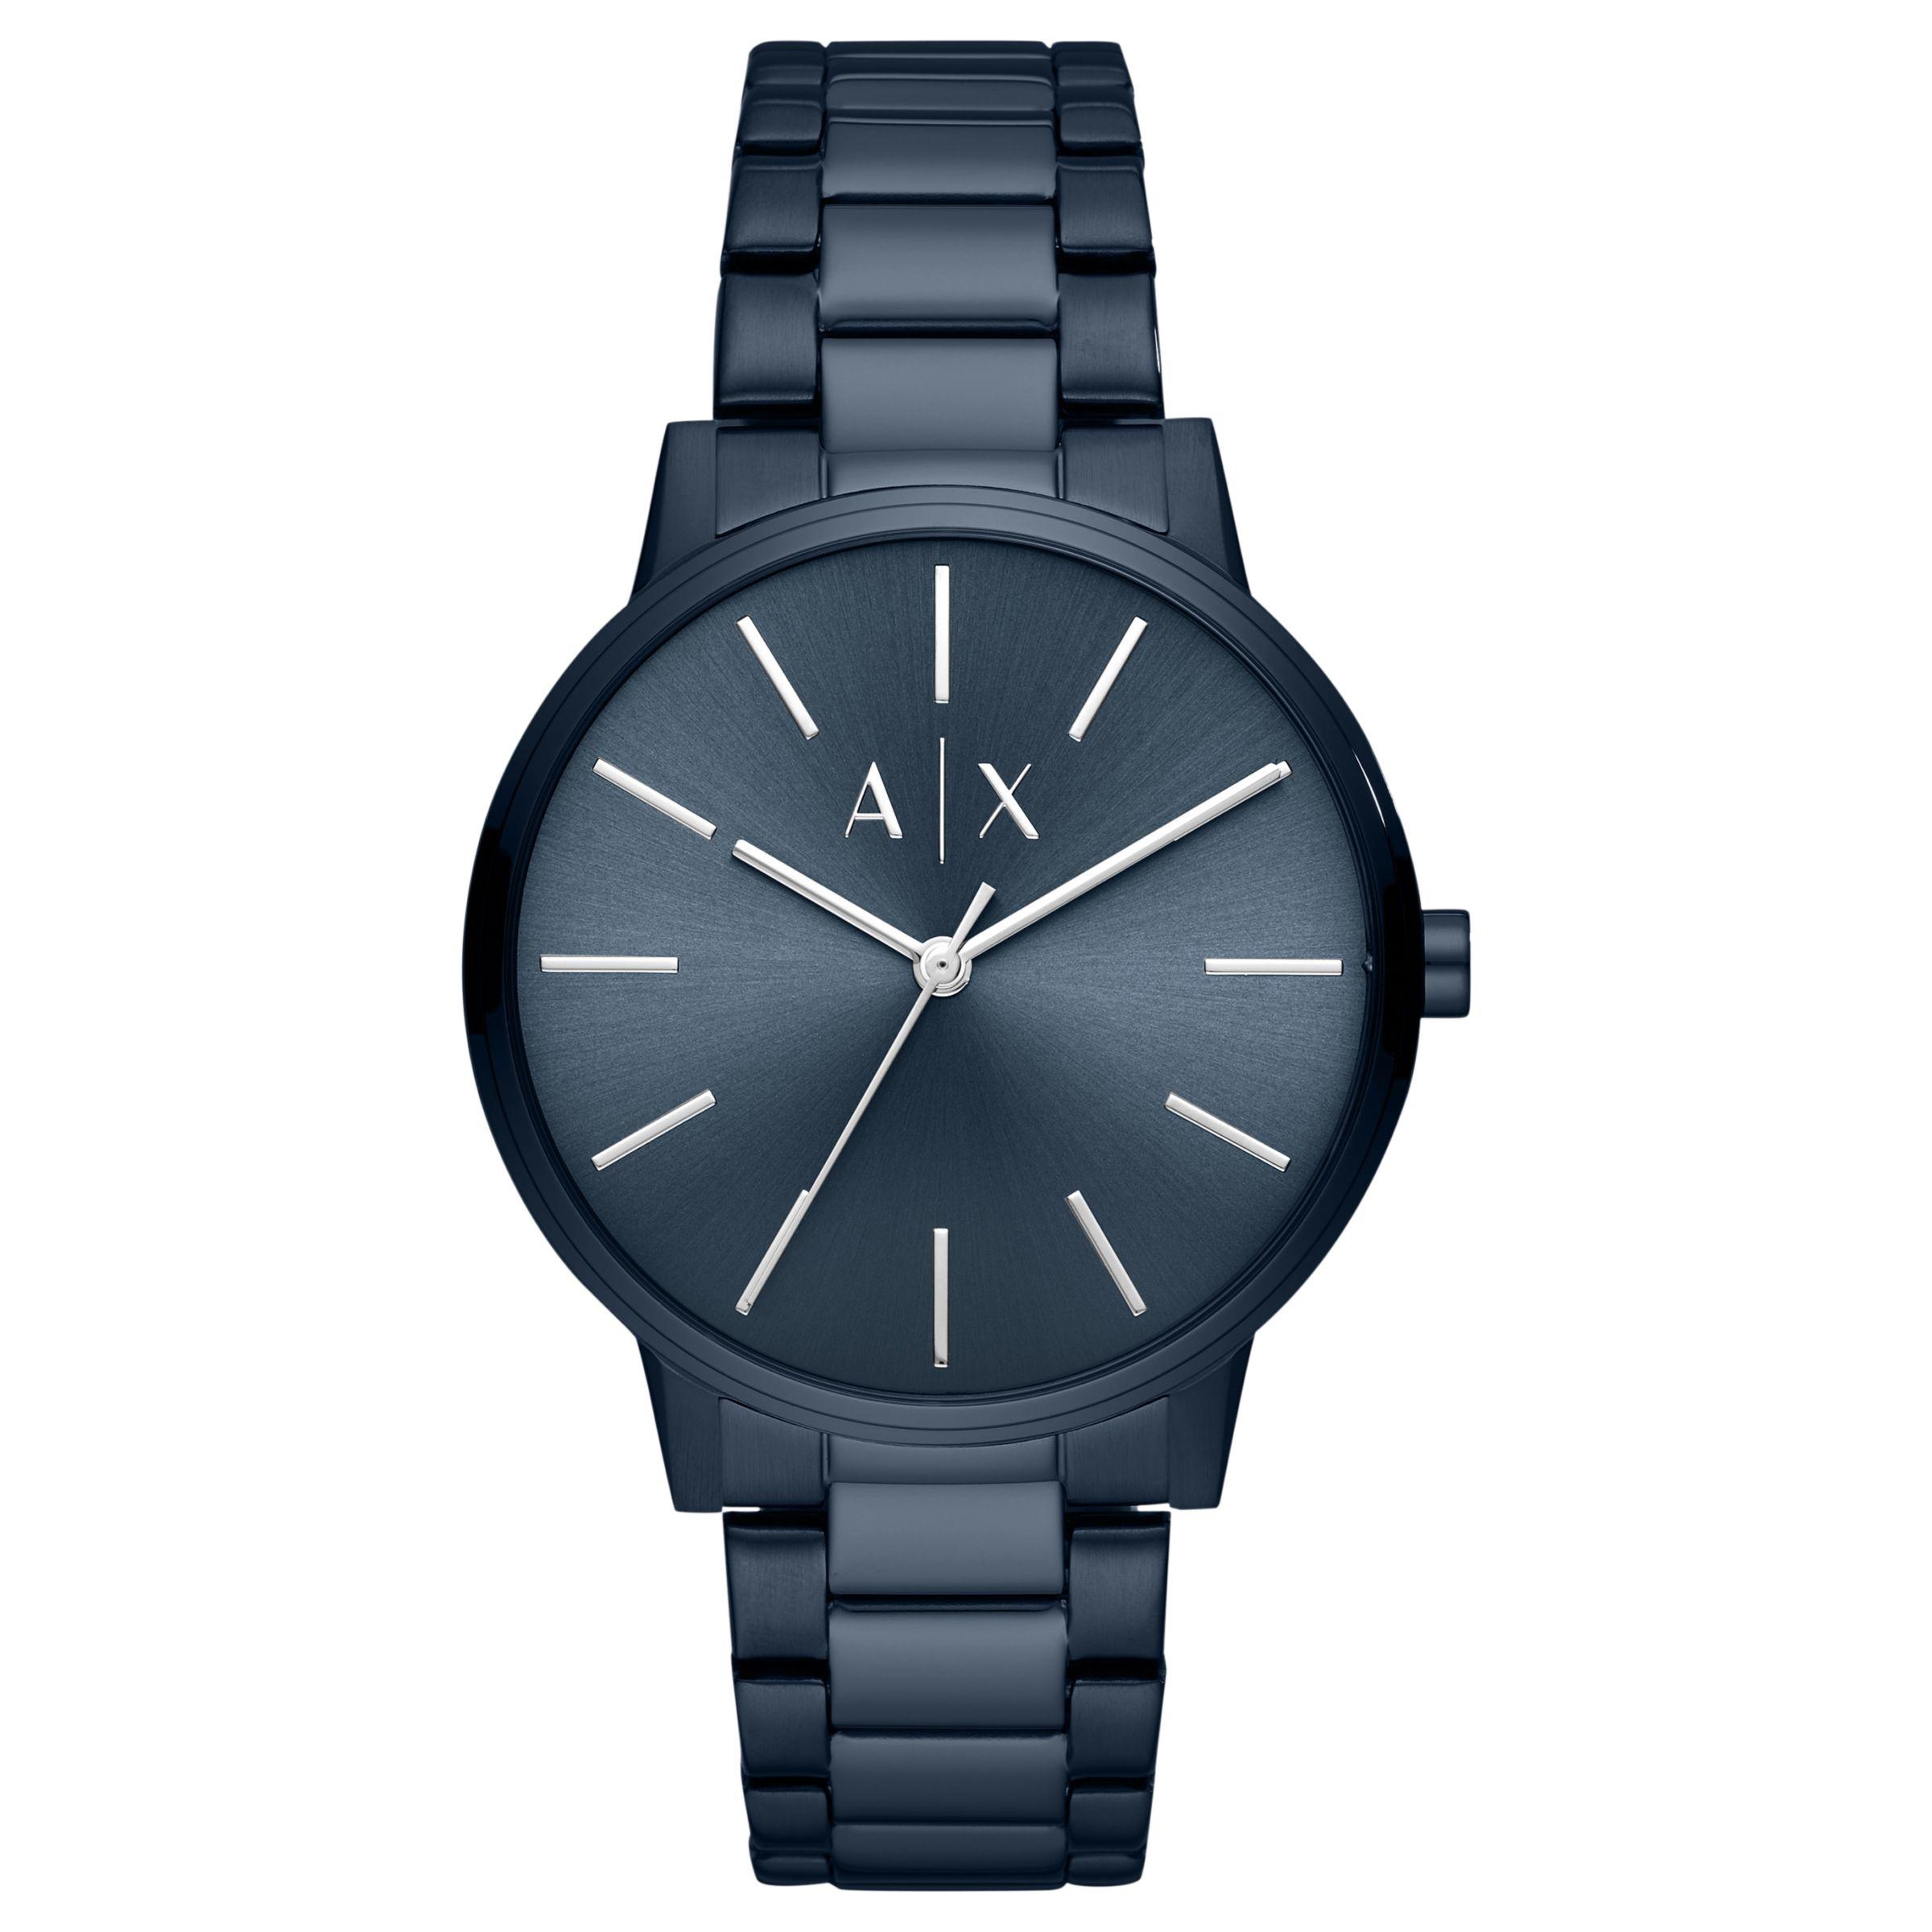 Armani Exchange Armani Exchange Men's Bracelet Strap Watch